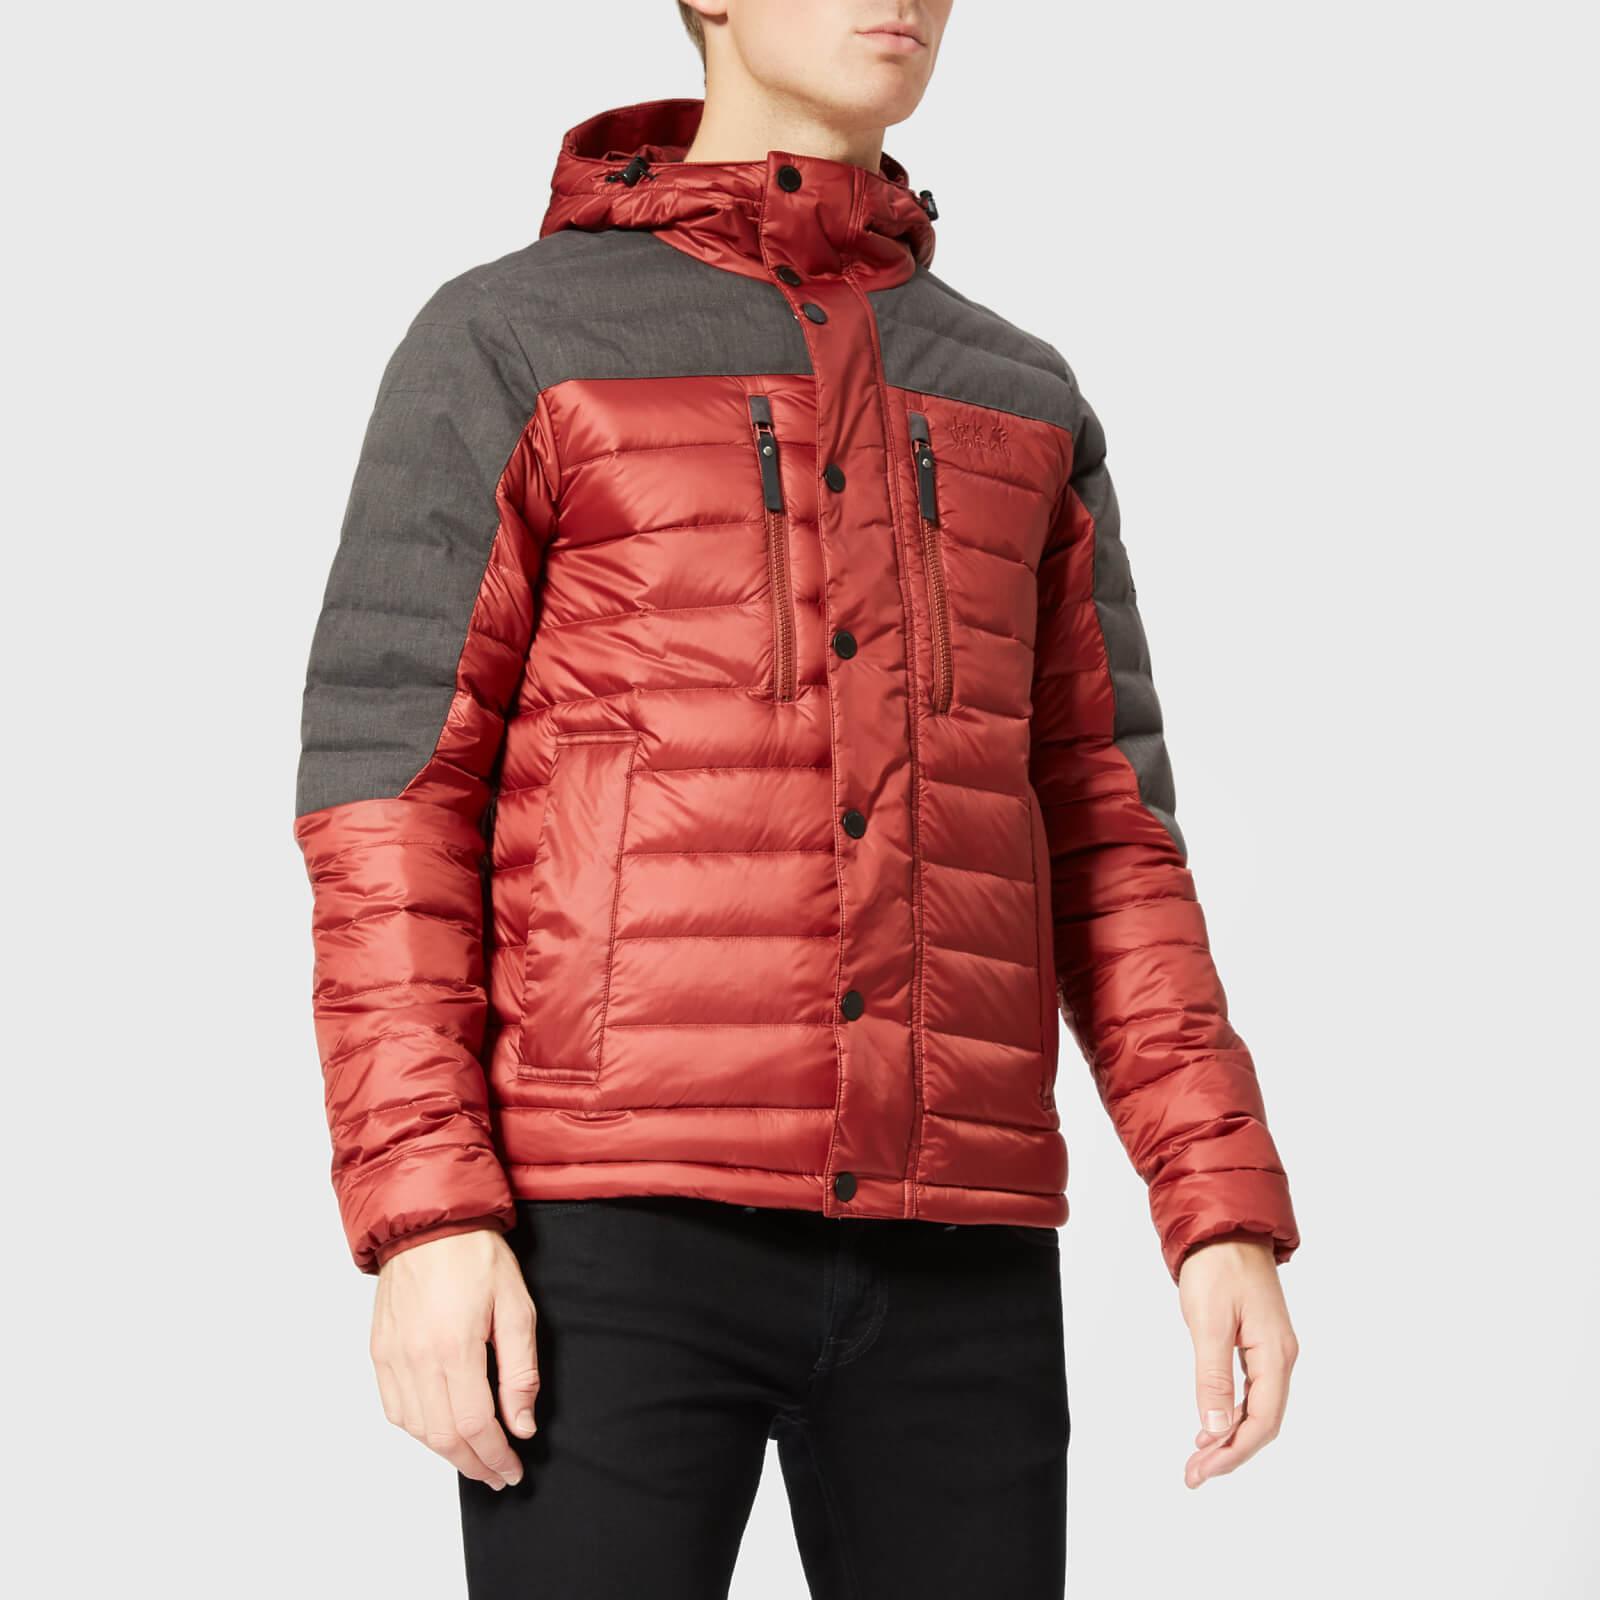 begrenzter Preis Super Qualität Bestbewerteter Rabatt Jack Wolfskin Men's Richmond Jacket - Redwood